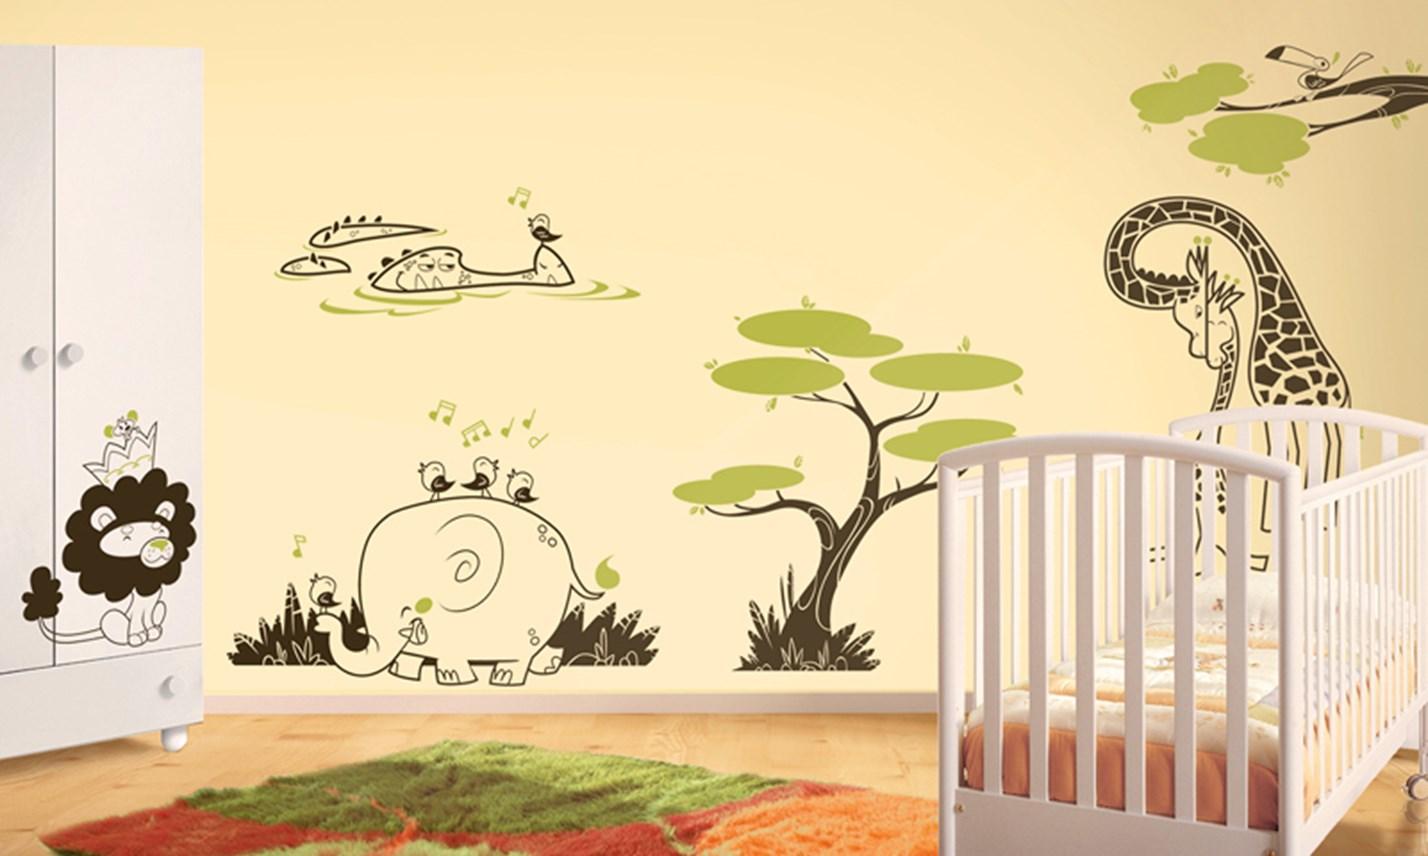 Stickers murali bambini cameretta avventura nella savana - Adesivi murali per camerette bimbi ...